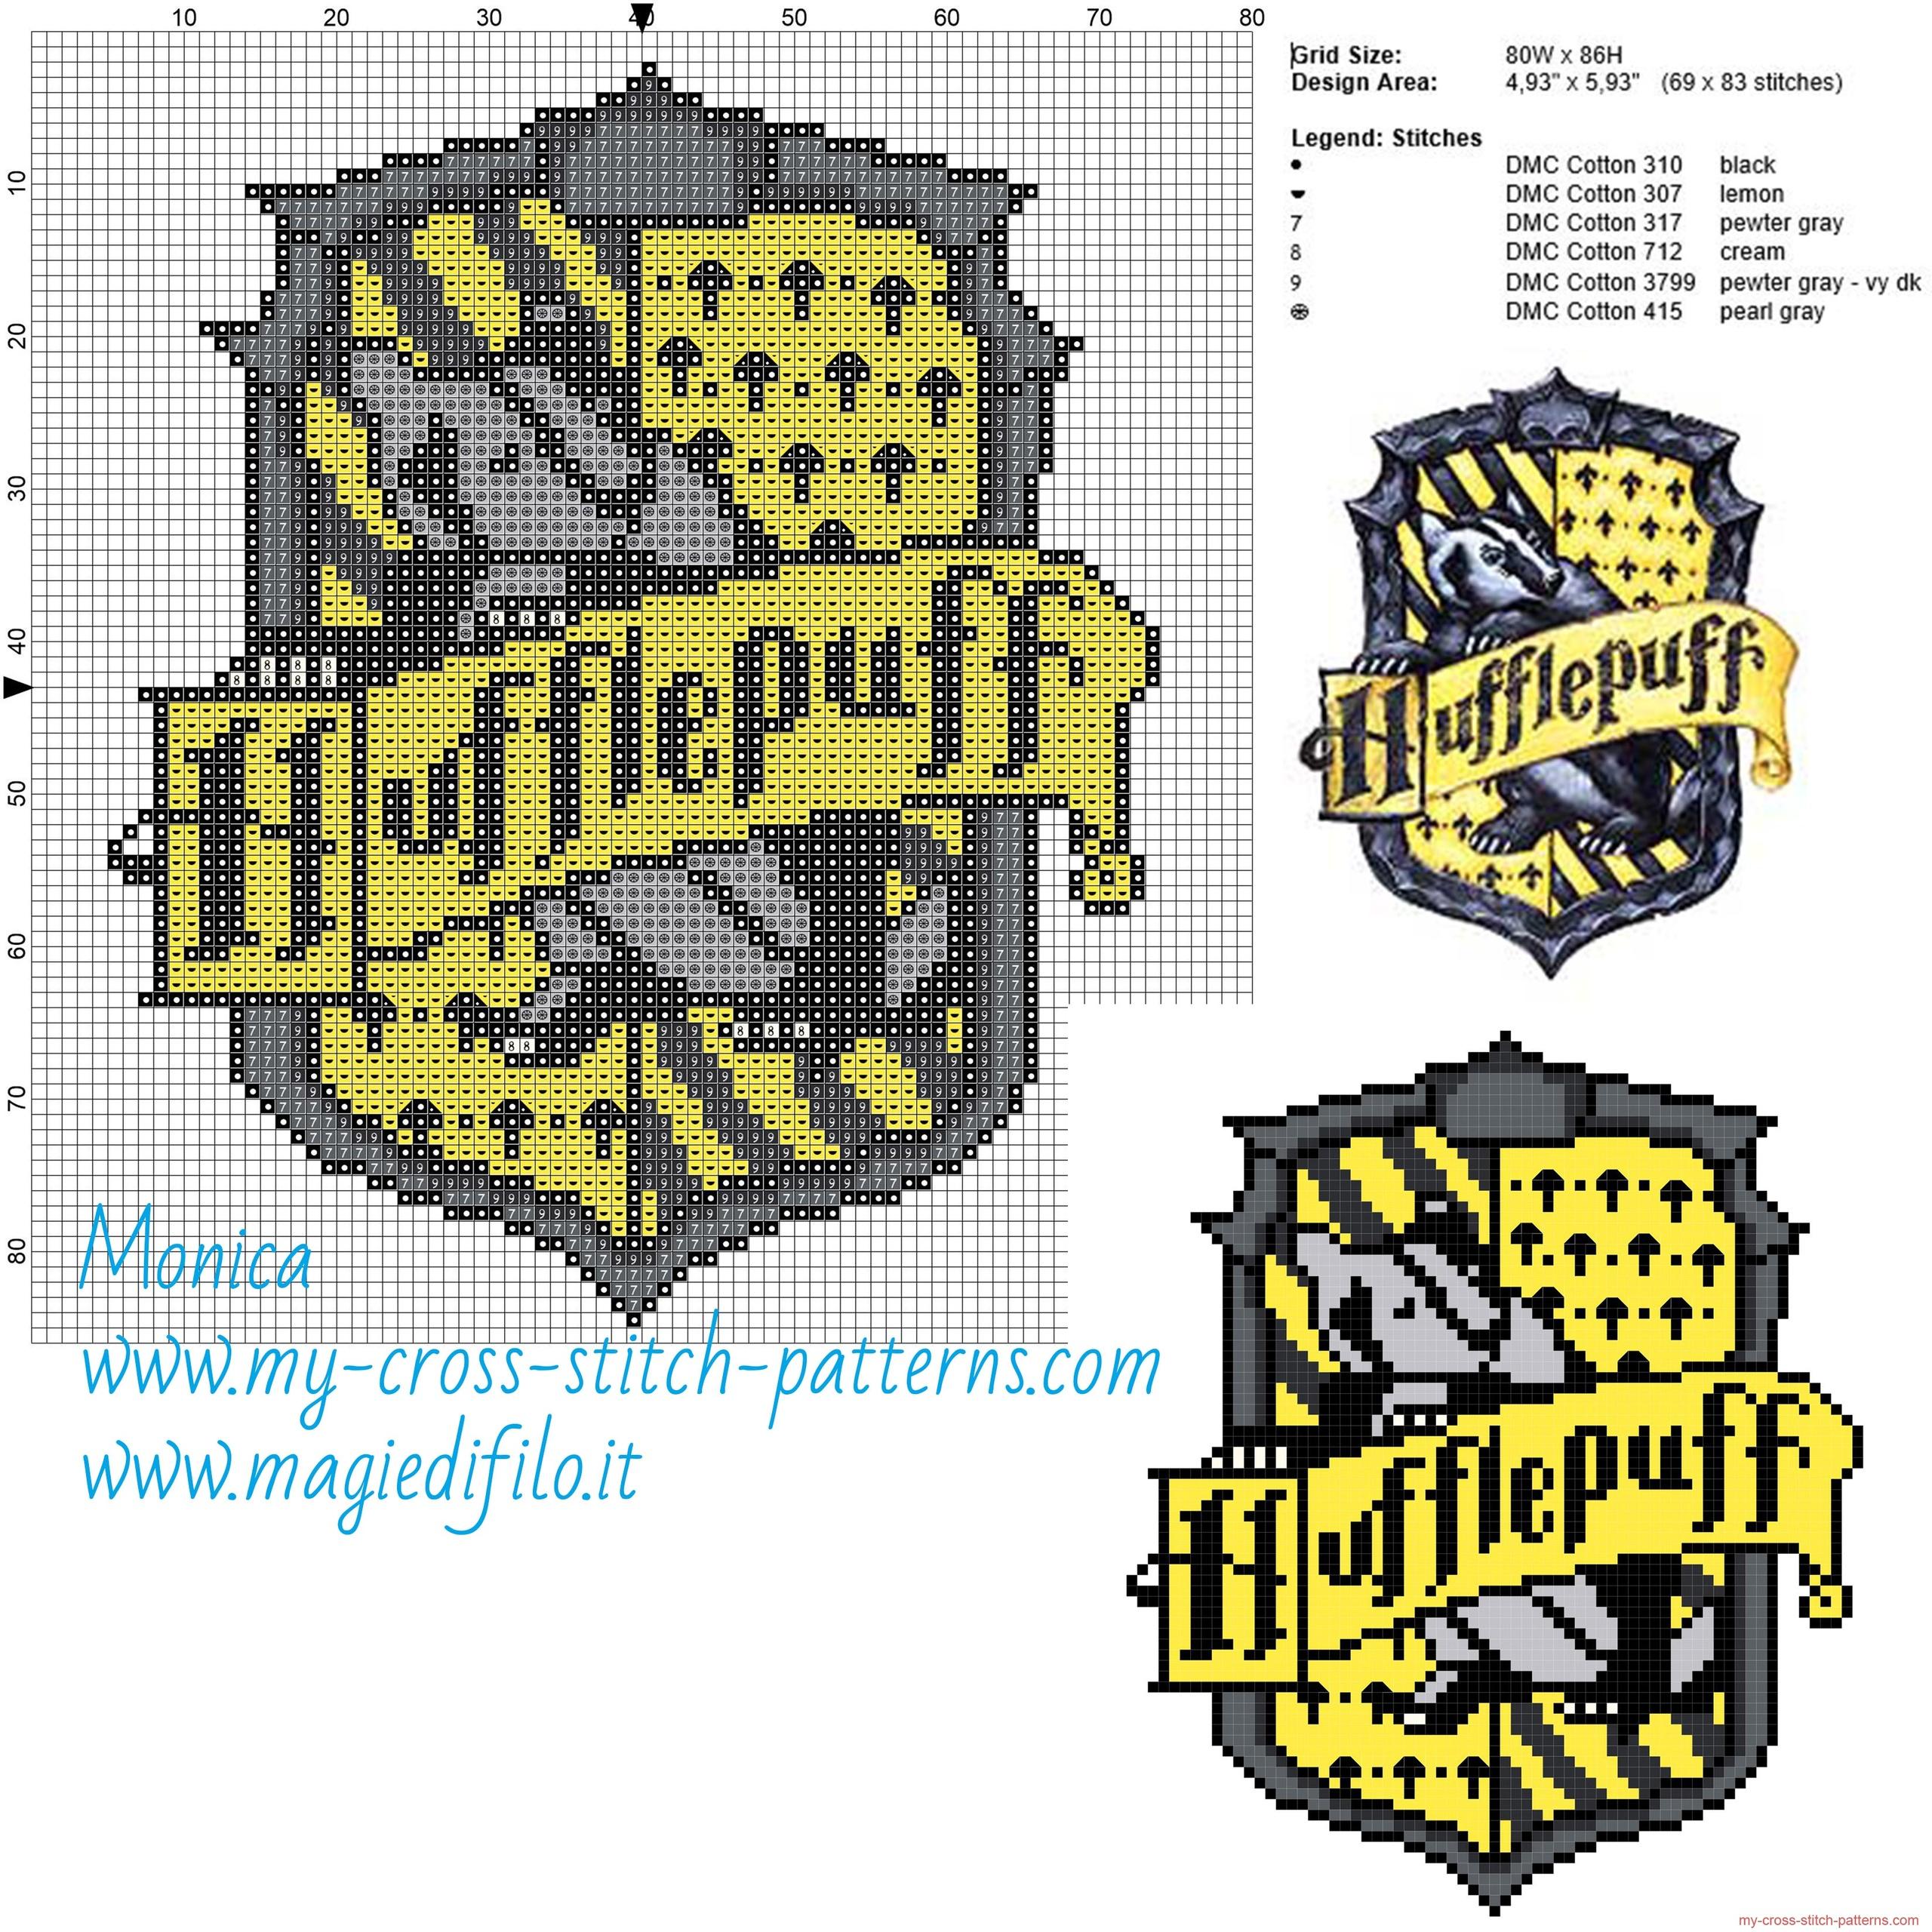 hufflepuff_cross_stitch_pattern